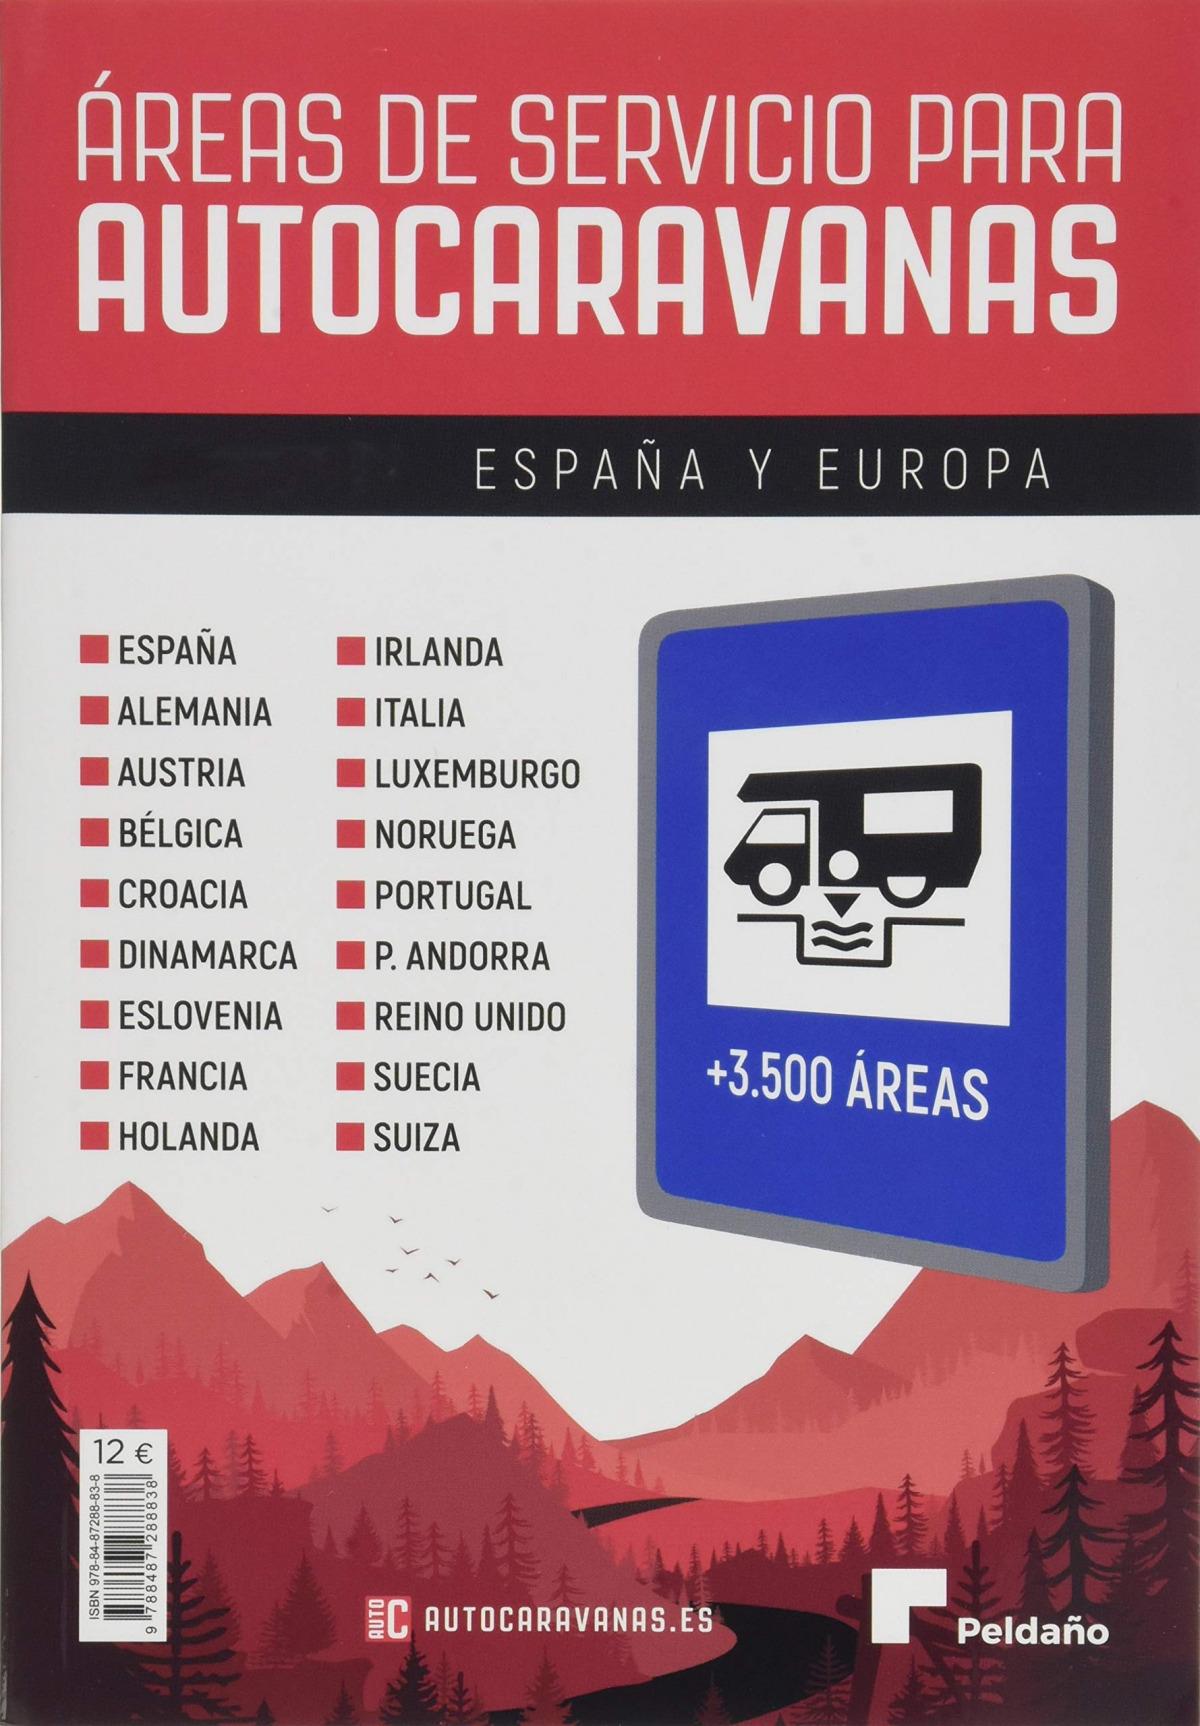 ÁREAS DE SERVICIO PARA AUTOCARAVANAS 2020-21 ESPAñA Y EUROPA 9788487288838